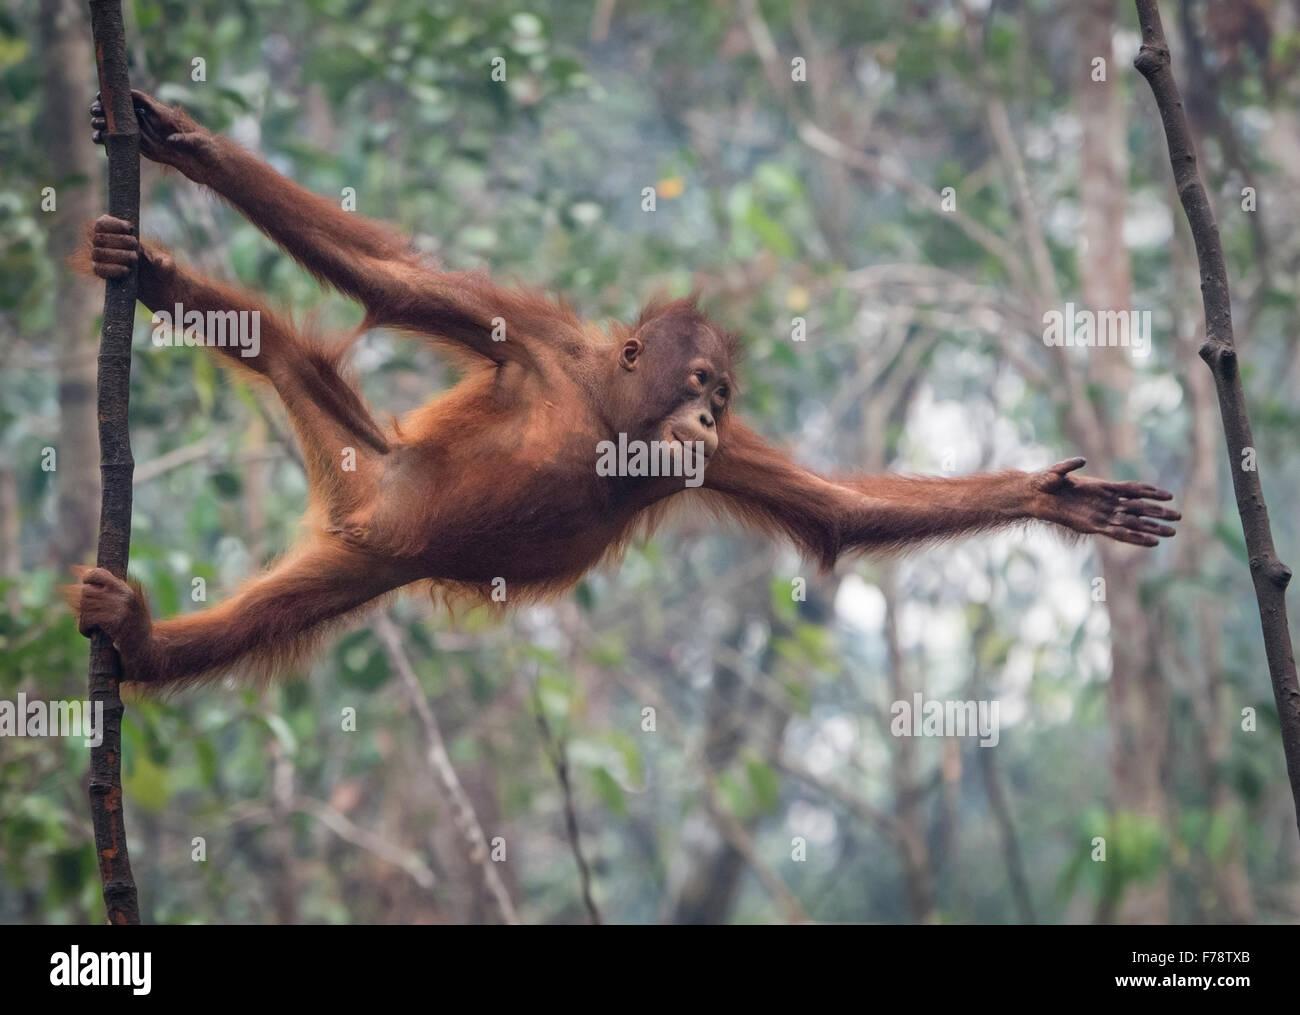 Les jeunes orang-outan (Pongo) pygmoeus s'étend jusqu'à atteindre la sortie d'arbre Photo Stock